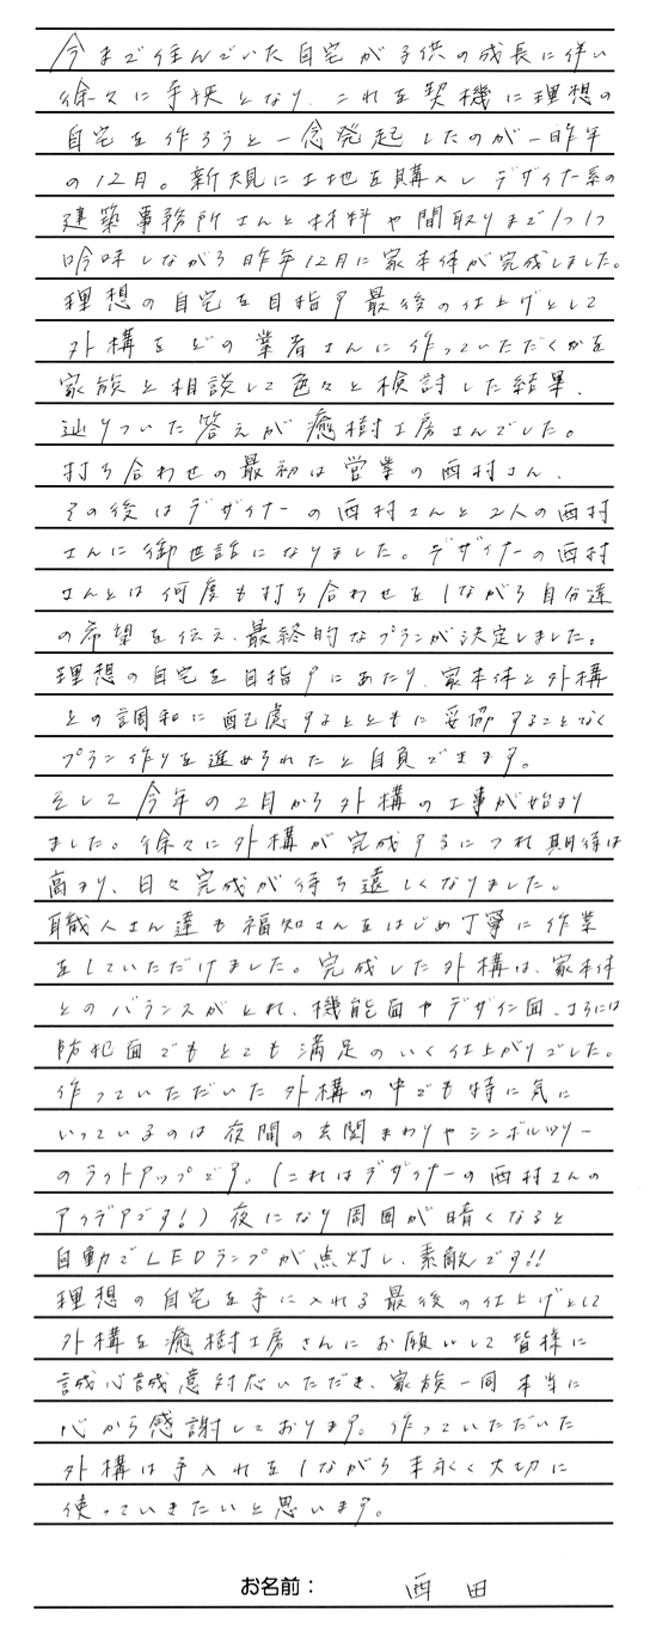 西田様感想文